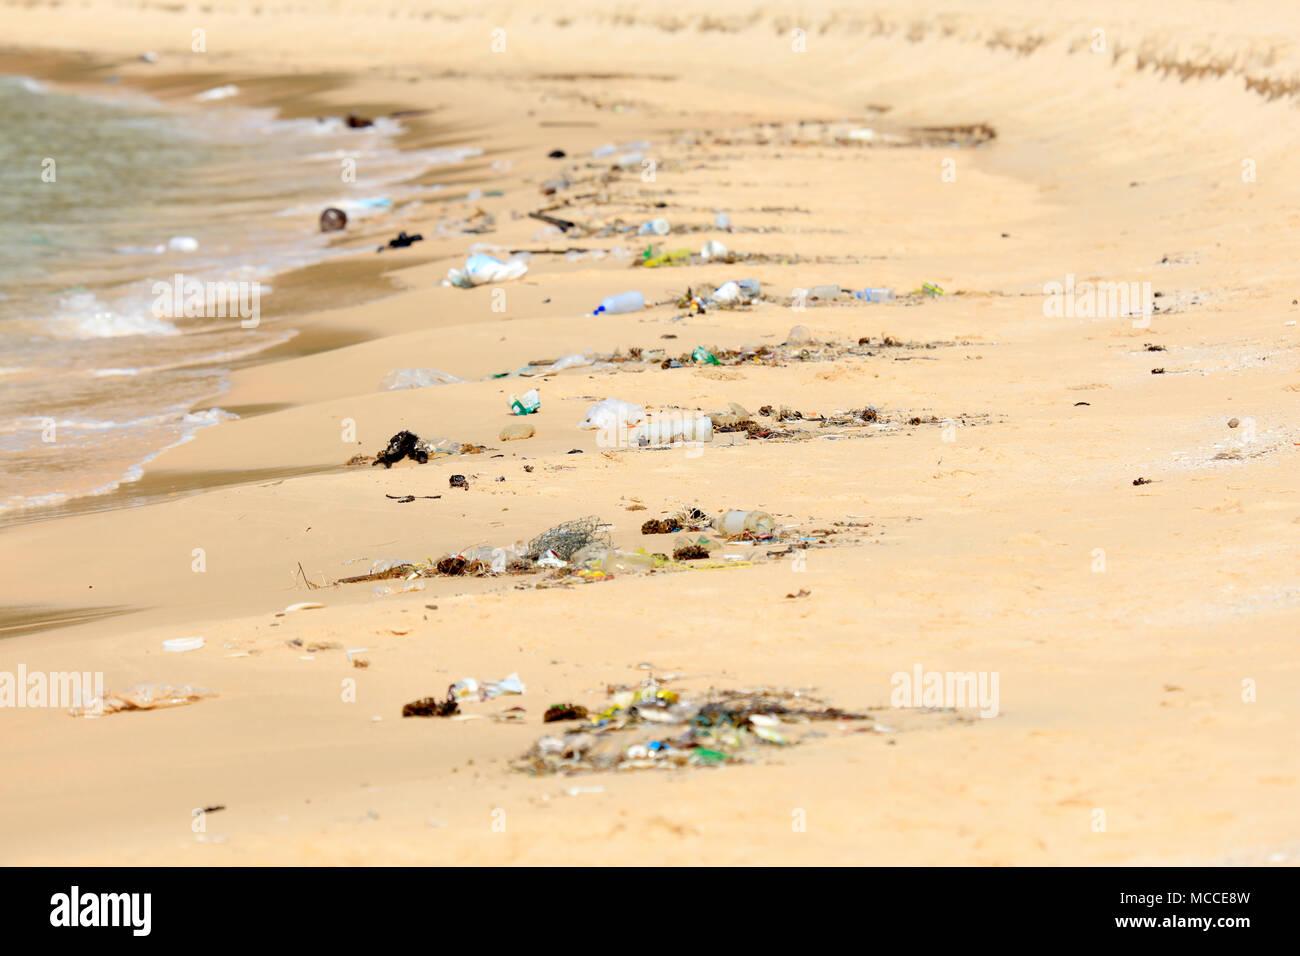 La pollution en plastique sur une plage touristique au Cambodge Photo Stock